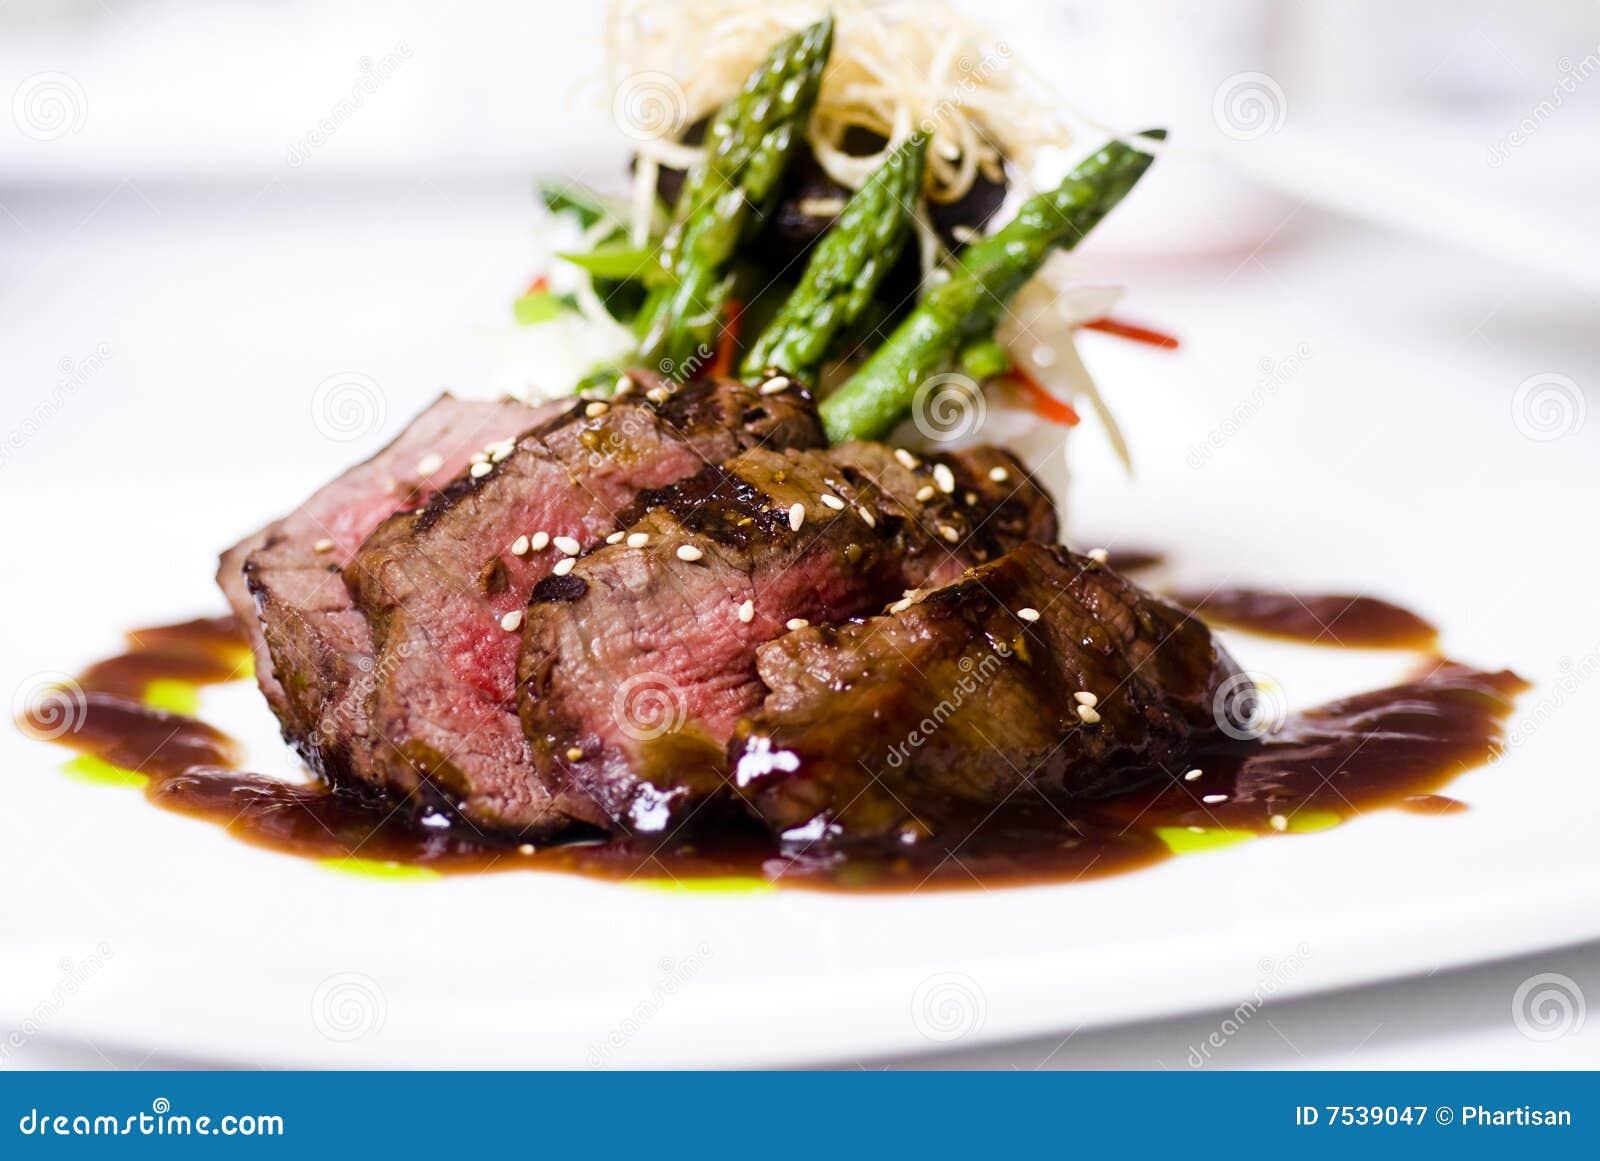 内圆角美食的可爱的牛排